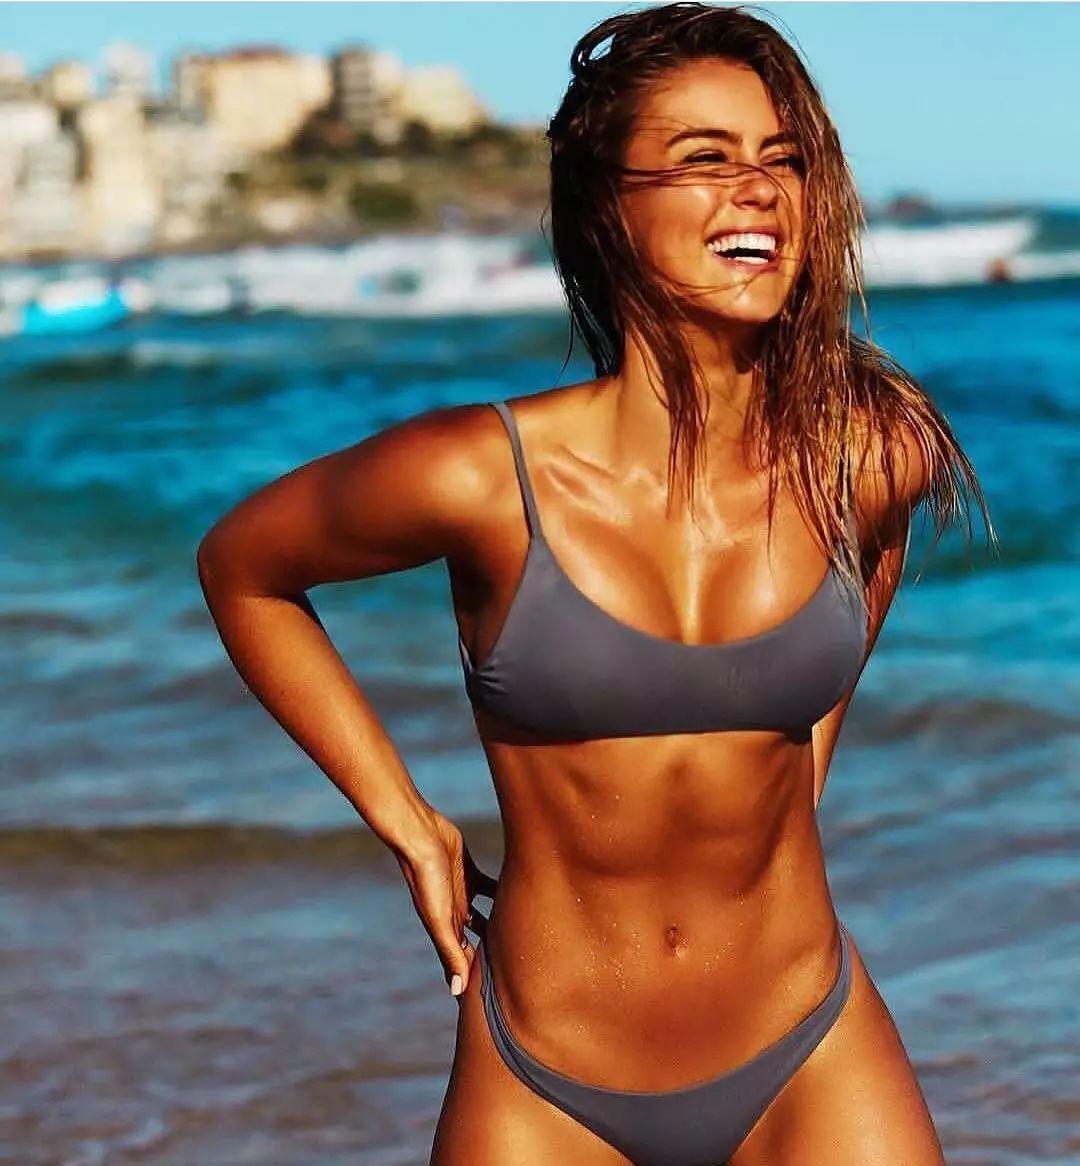 健身者的2018丨健身是什么?用汗水浇灌灵魂,从